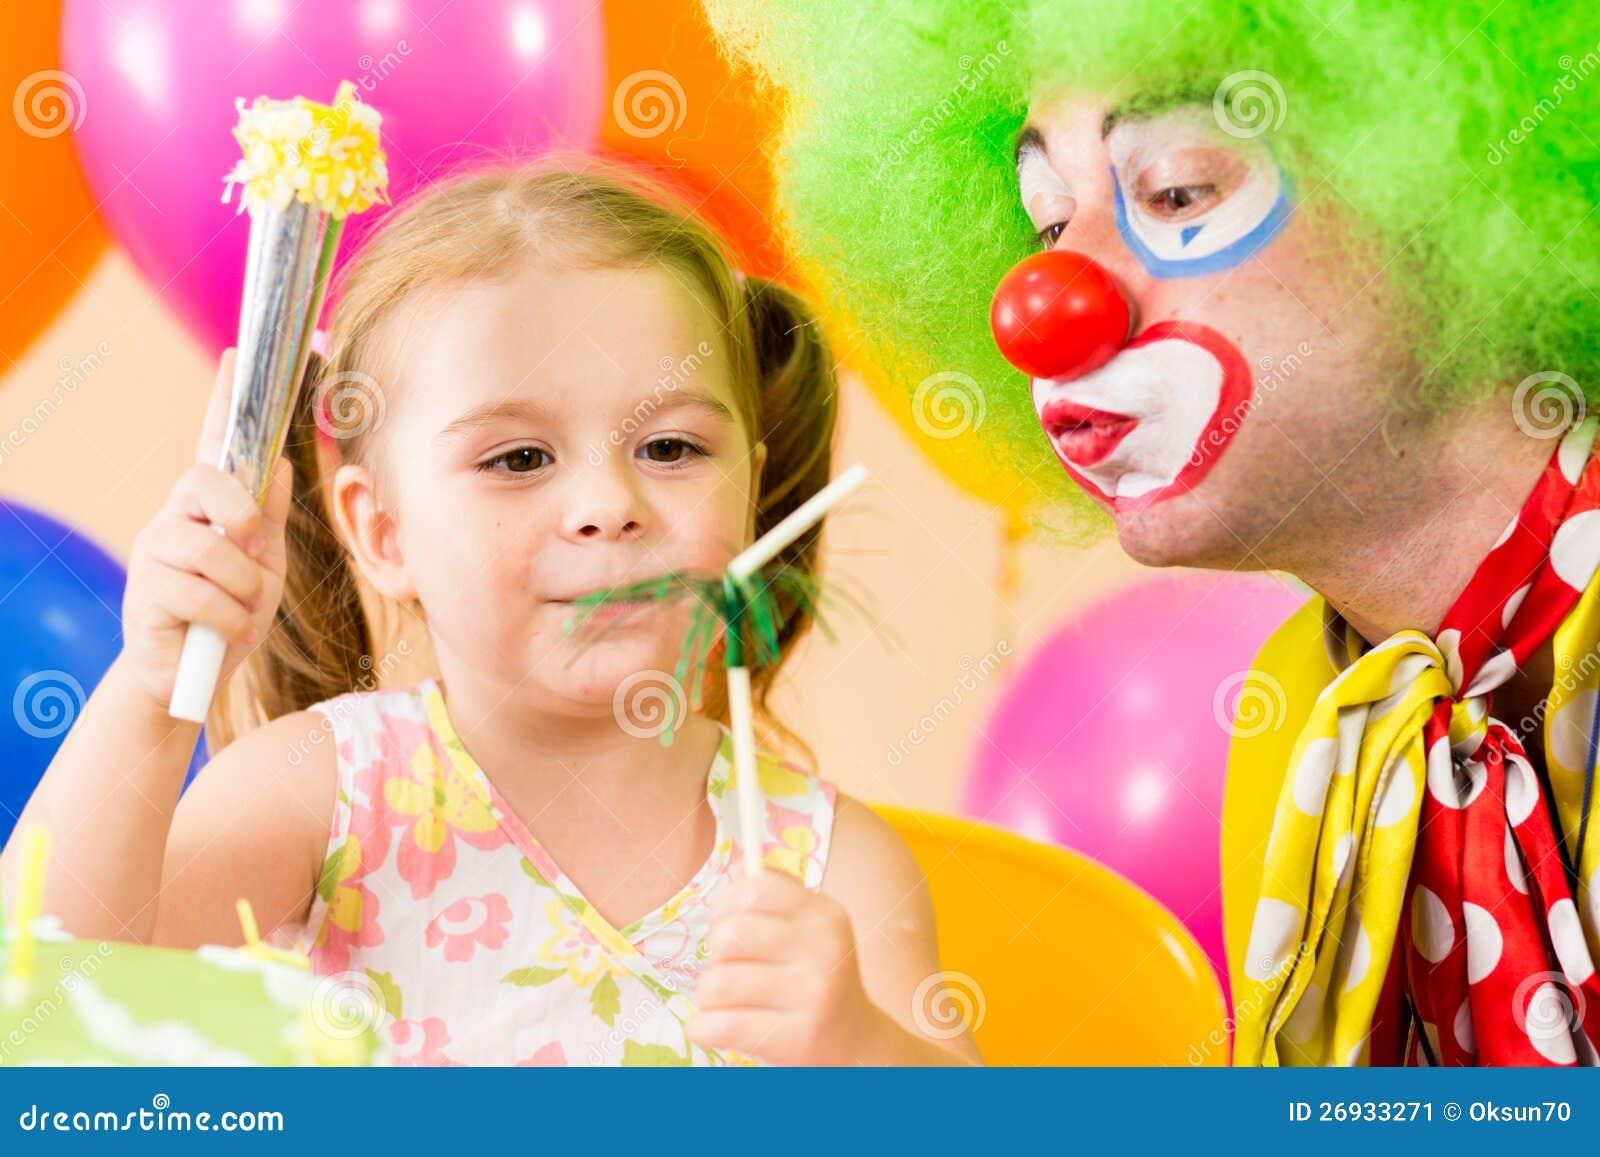 Конкурсы с клоуном на день рождения